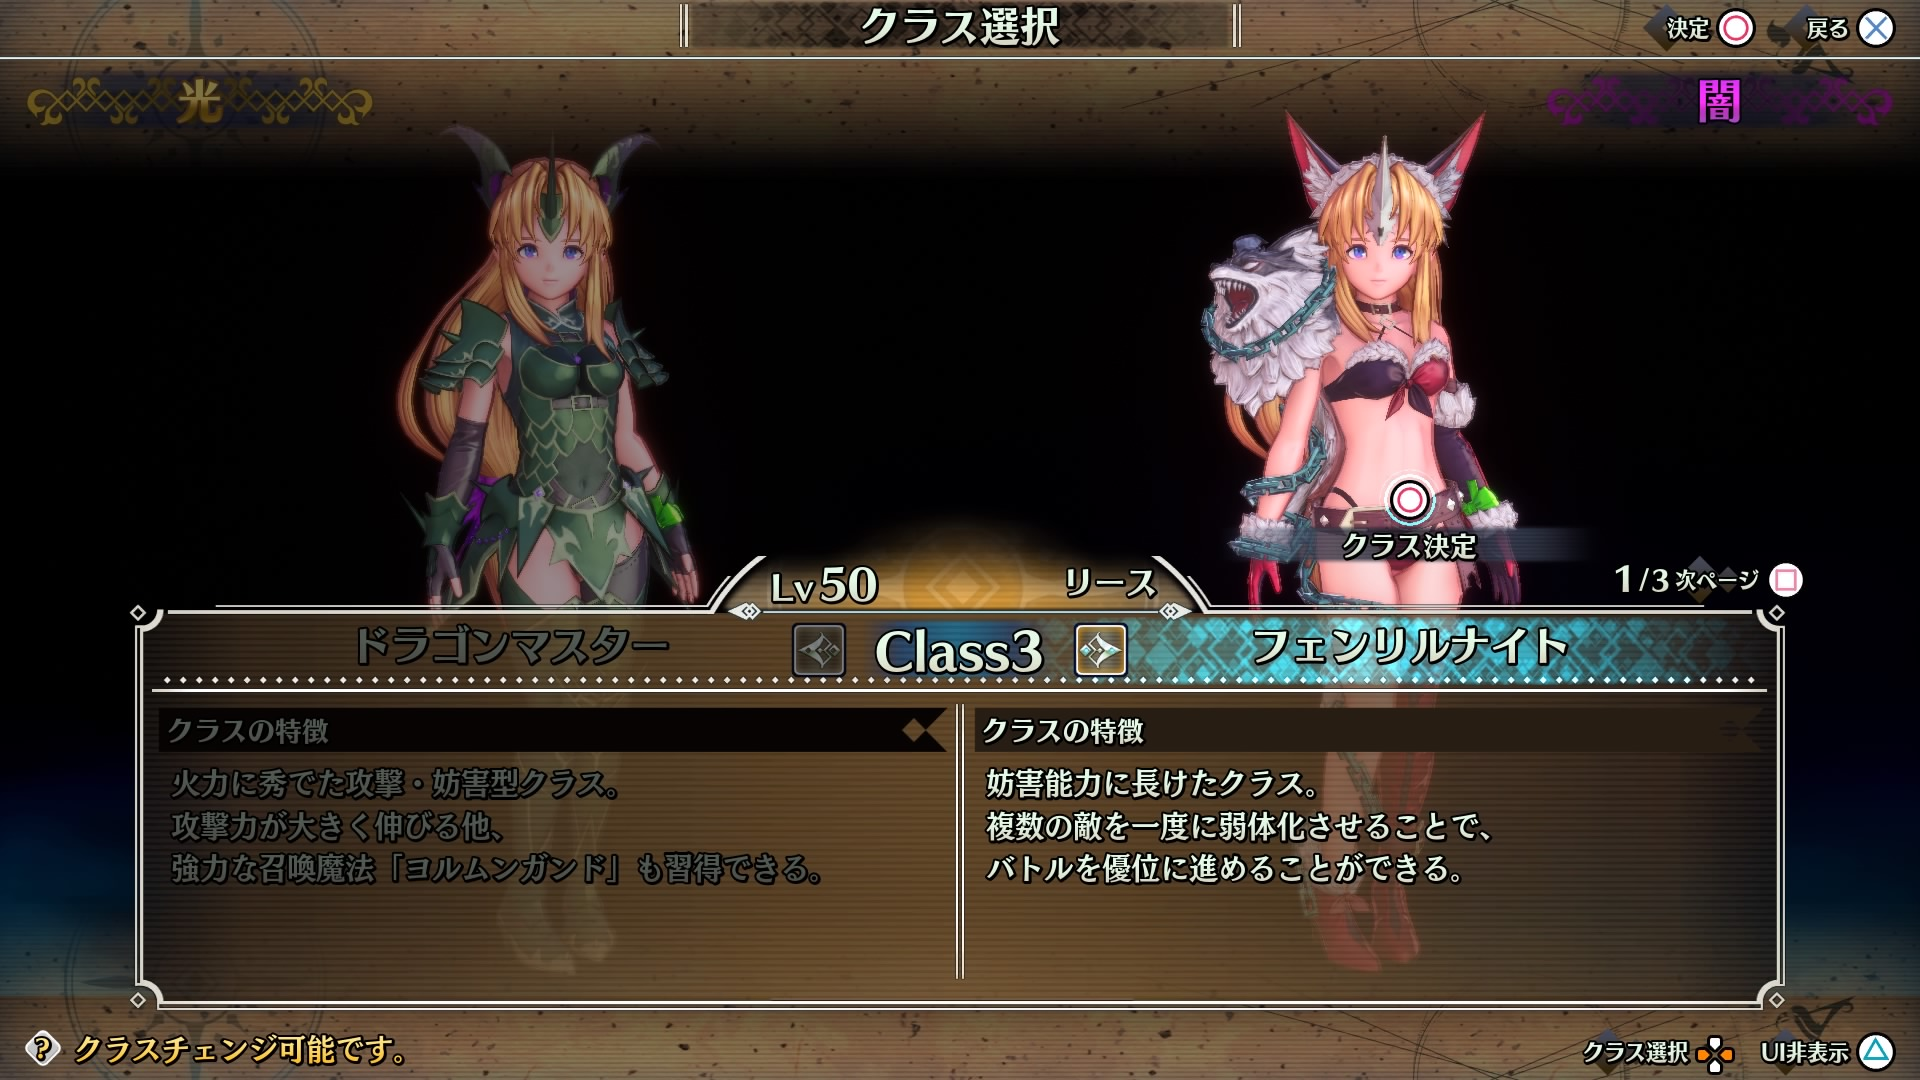 伝説 3 クラスチェンジ リメイク 聖 剣 聖剣伝説3 リメイク版|おすすめのクラスチェンジ